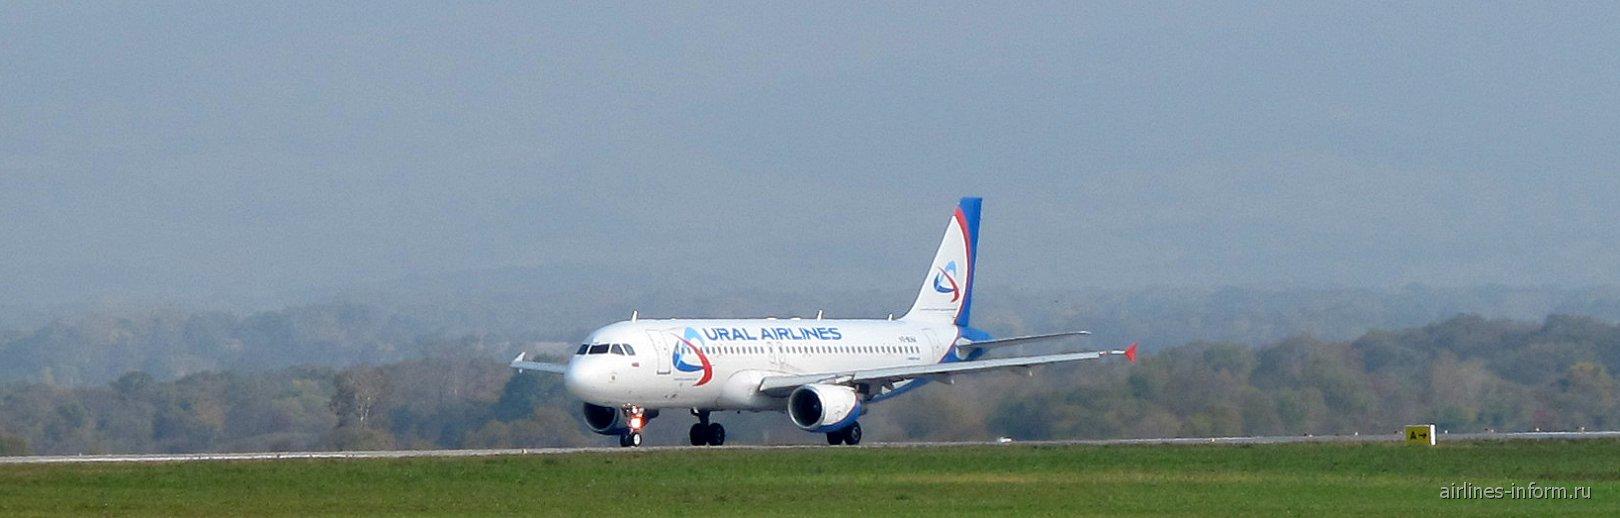 Airbus A320 Уральских авиалиний в аэропорту Владивостока